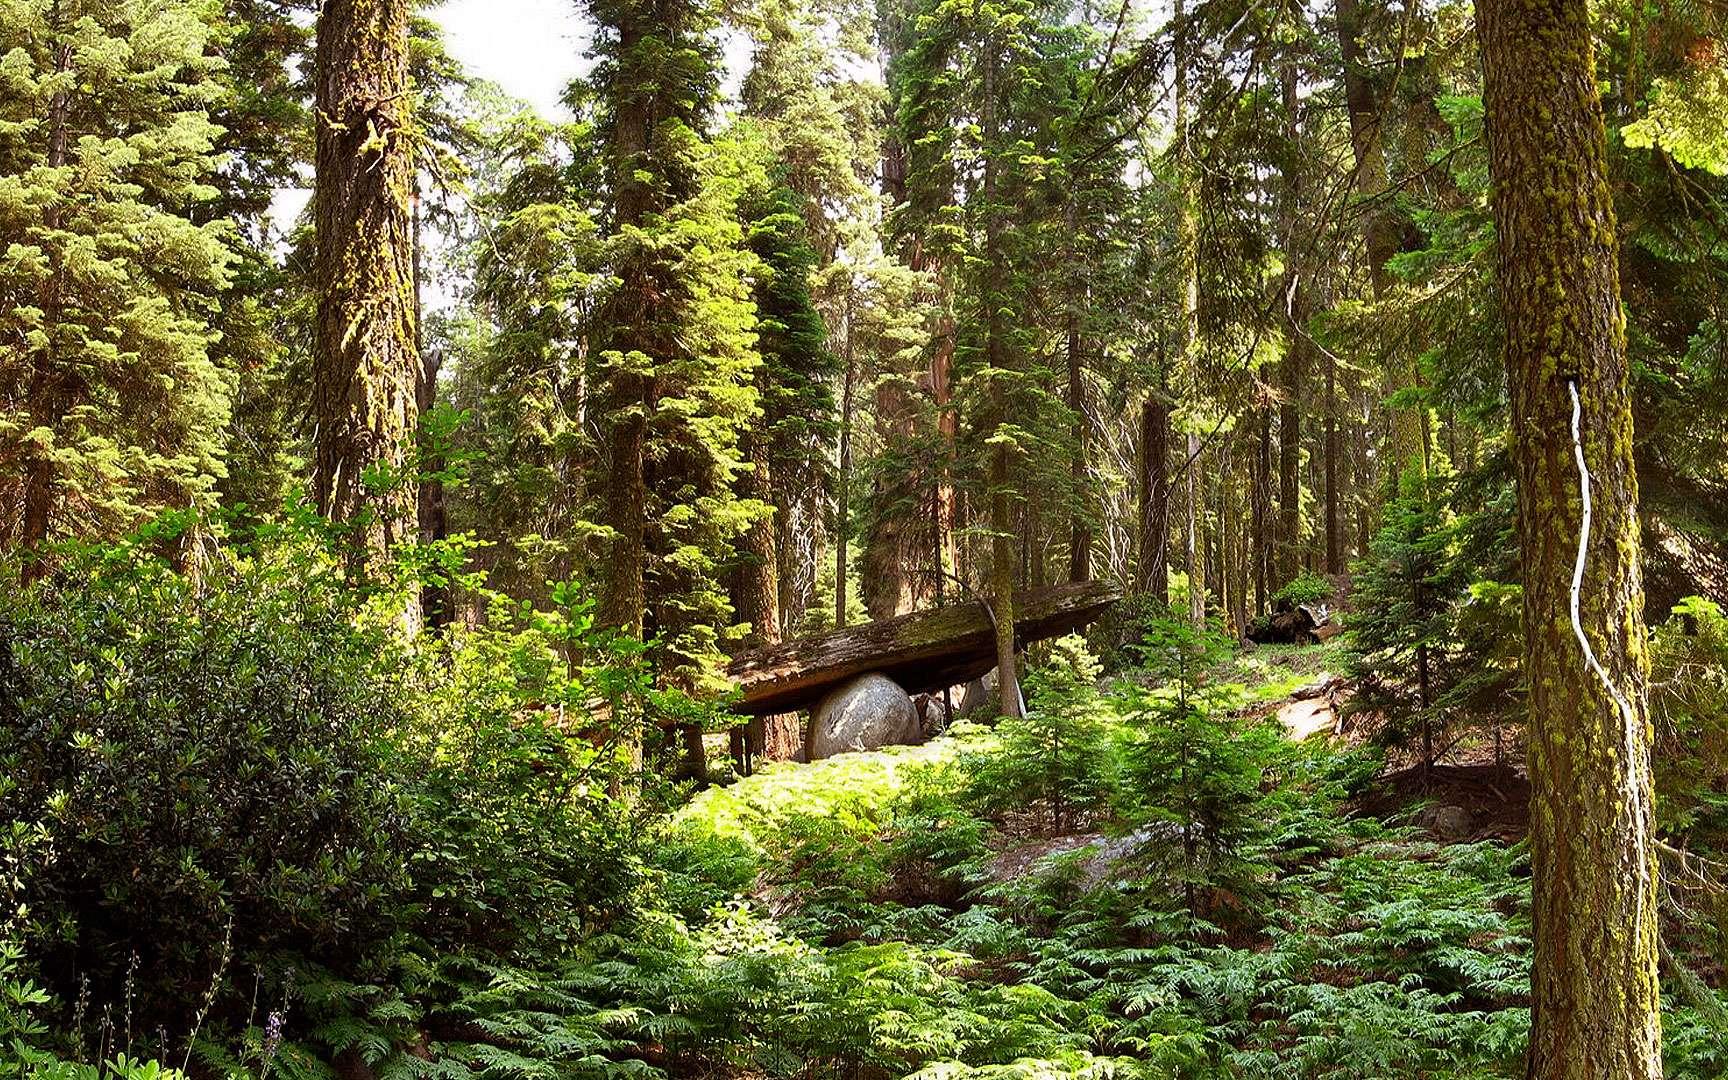 Forêt de Rambouillet. La forêt de Rambouillet, située dans le sud du département des Yvelines, est un des principaux massifs forestiers d'Île-de-France. Il s'agit d'un espace boisé de 200 km², dont 14 550 ha de forêt domaniale, qui s'étend sur le territoire de 29 communes. Le peuplement est constitué principalement de chênes, à hauteur de 68 %, et de résineux (pin sylvestre et pin laricio) pour 25 %. Ce massif comporte des étangs, des zones rocheuses, des étendues de sable, des vallons et des cascades. Une partie de la forêt se trouve dans le parc naturel régional de la haute vallée de Chevreuse. © Pline GNU Free Documentation License version 1.2